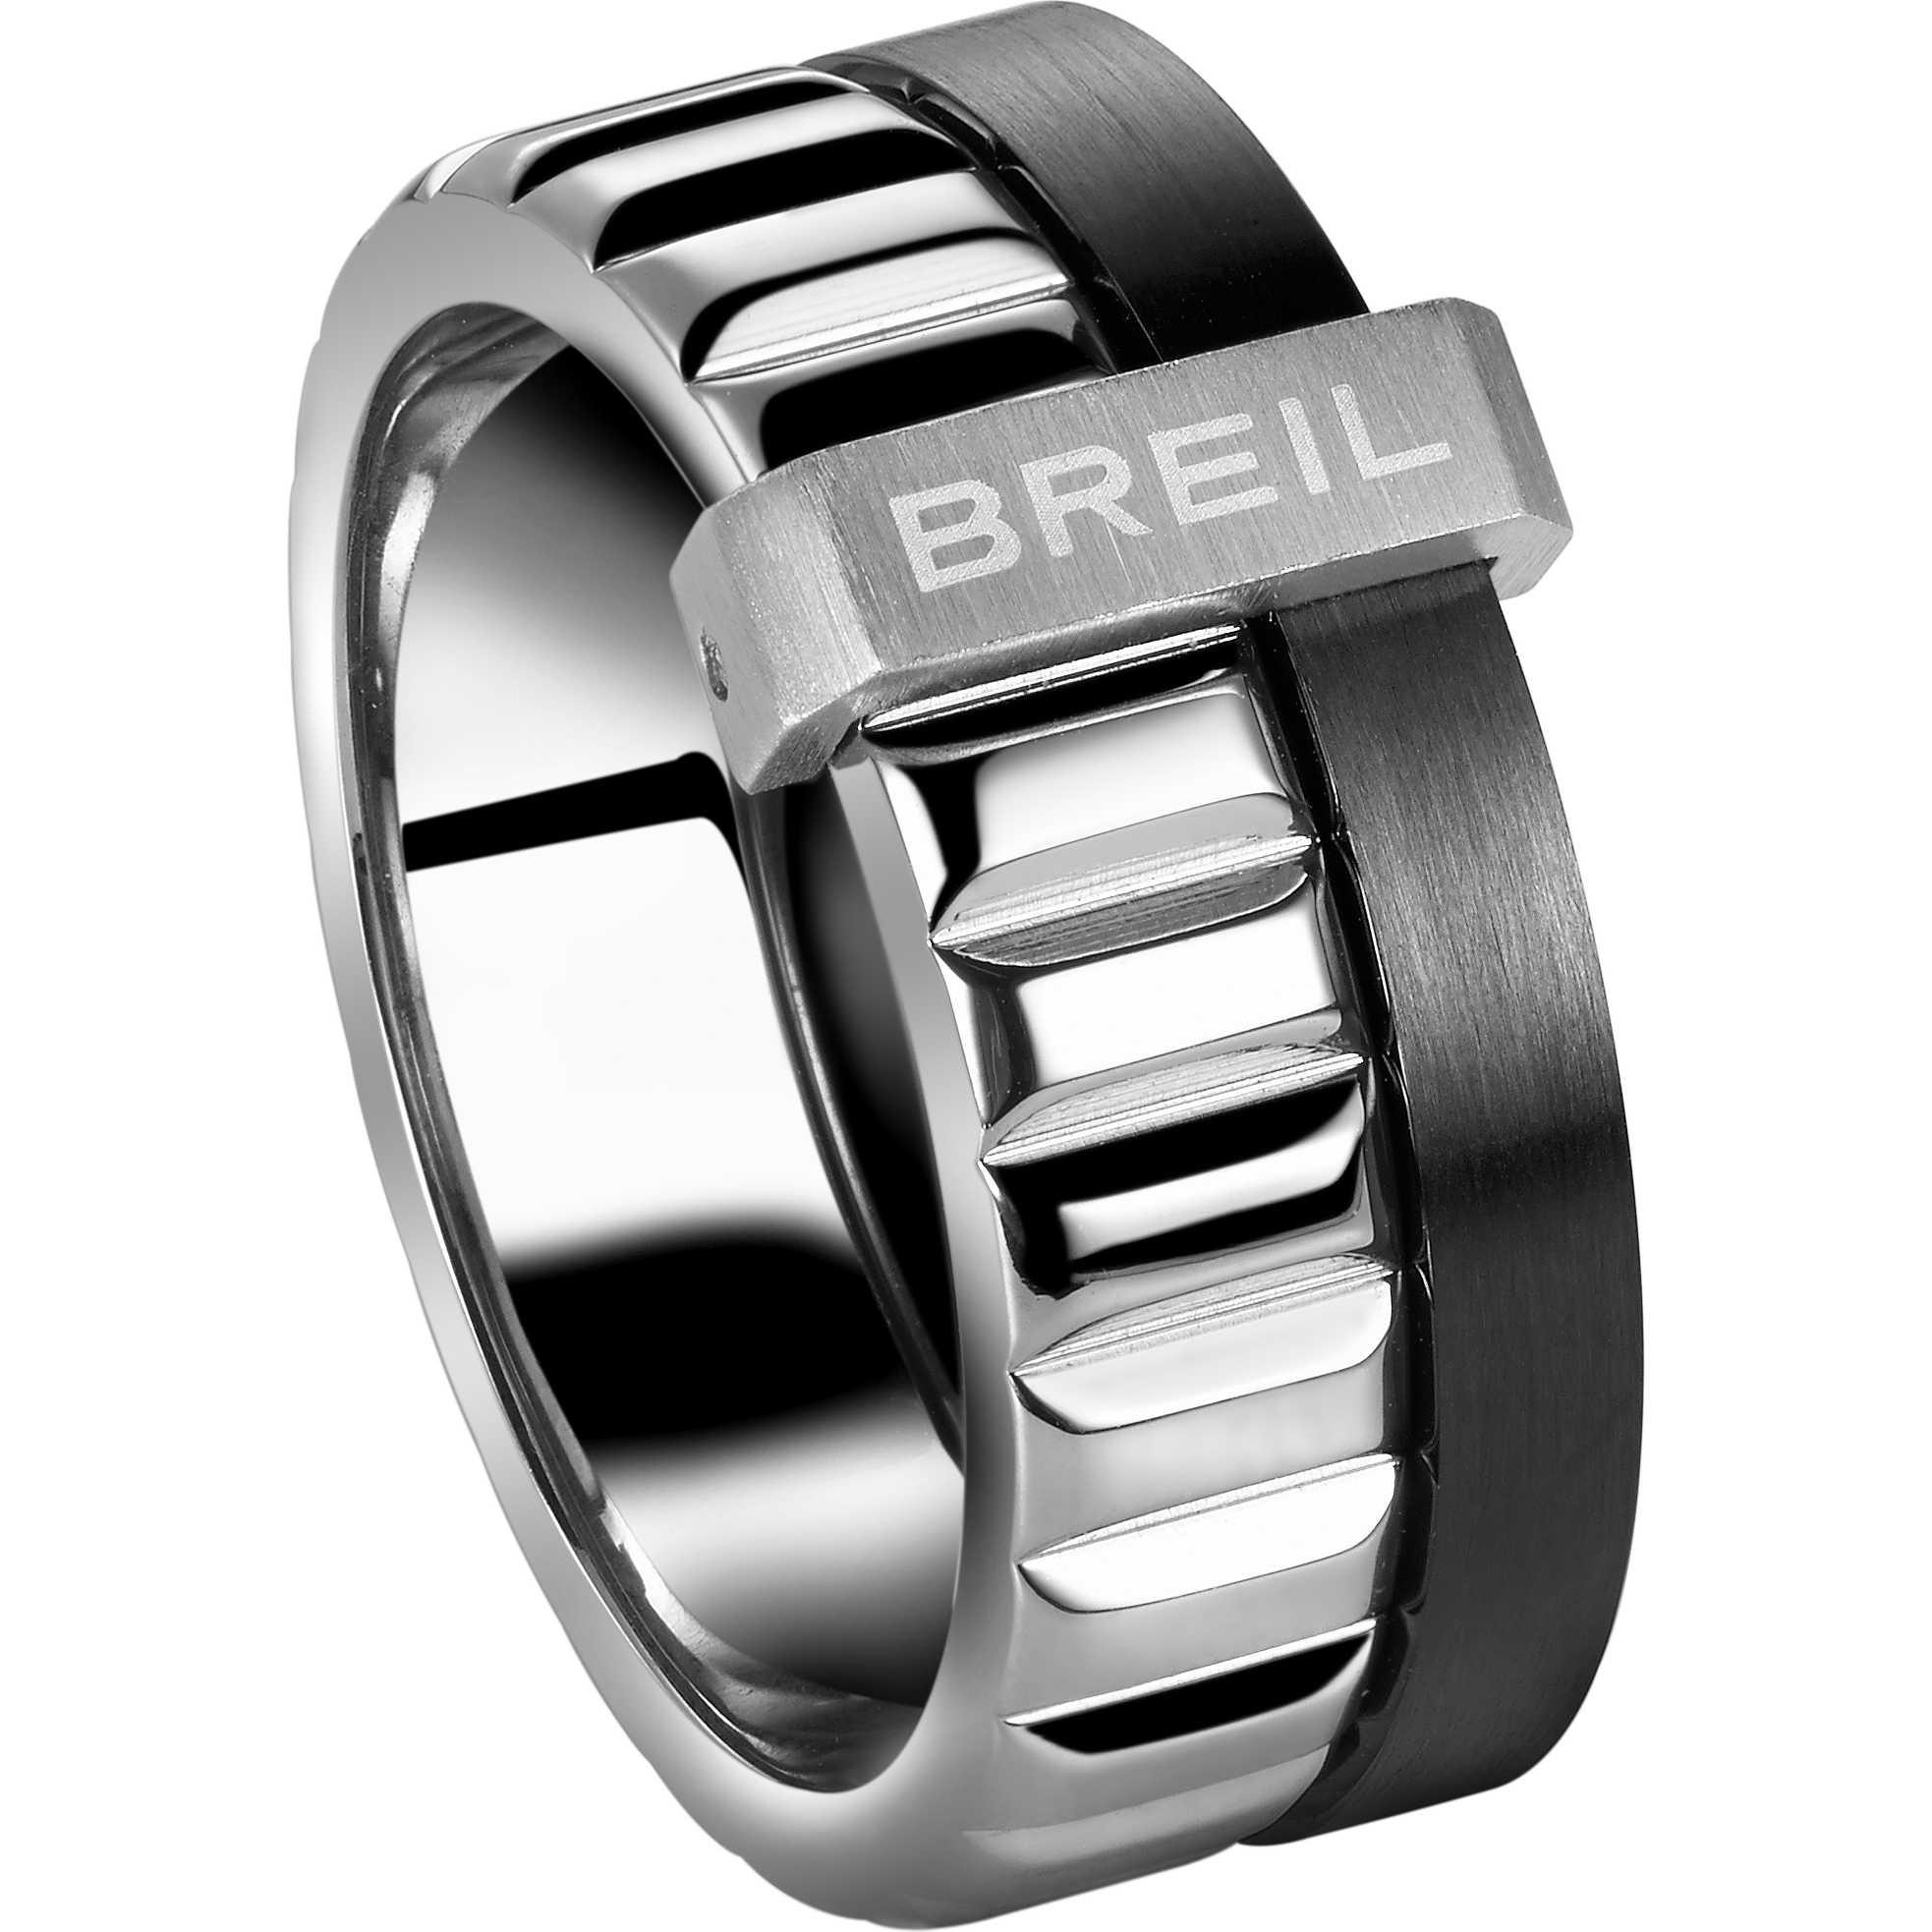 Famoso Anello Breil uomo in acciaio lucido silver e nero - in offerta da  HF39